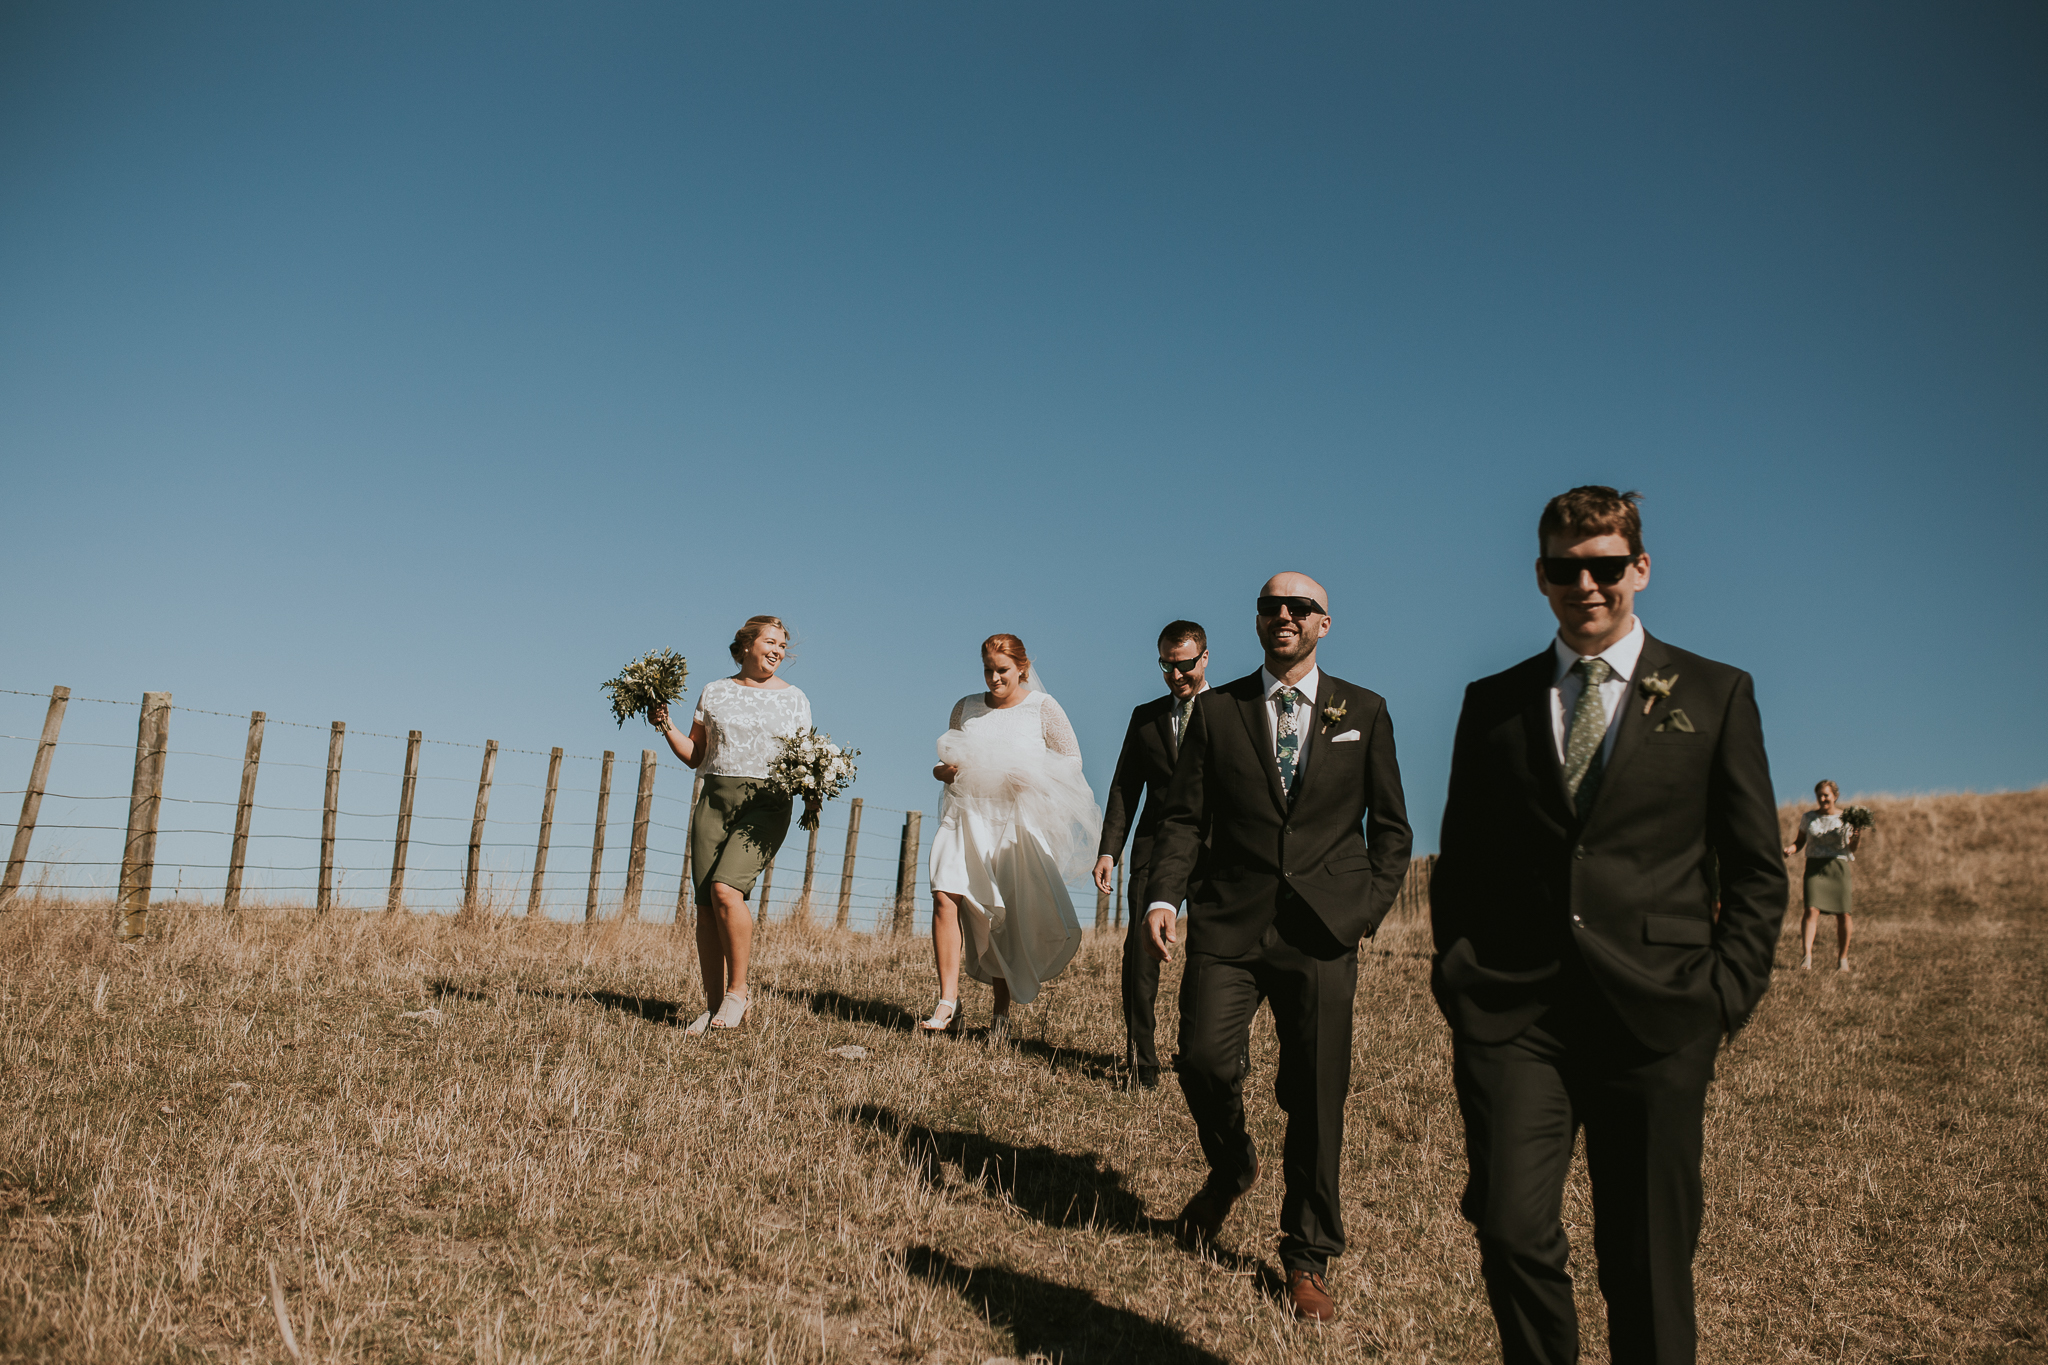 wedding photographer hawkes bay , Lisa Fisher Photography, Selini Winery Wedding -97.jpg